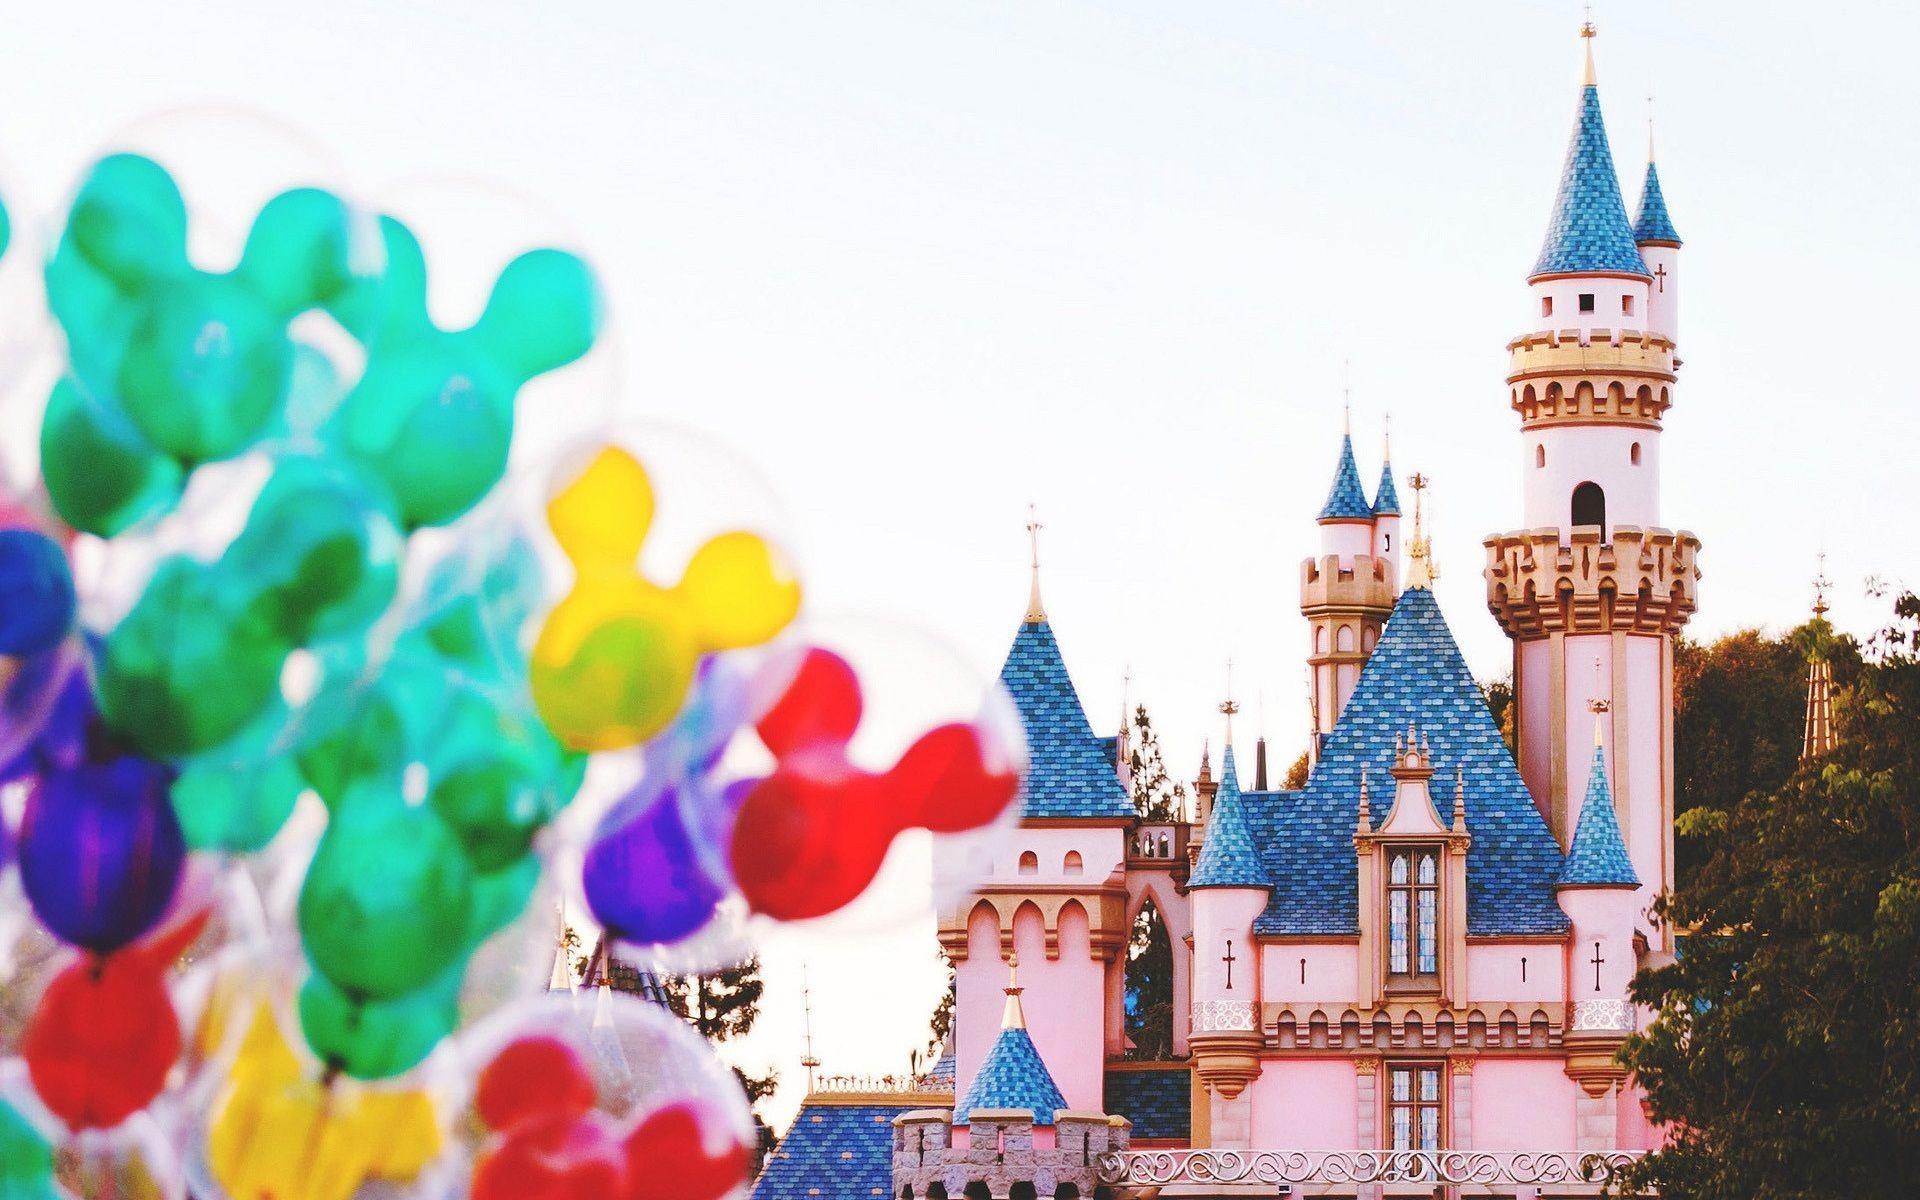 Disneyland Wallpaper Desktop 66 Images